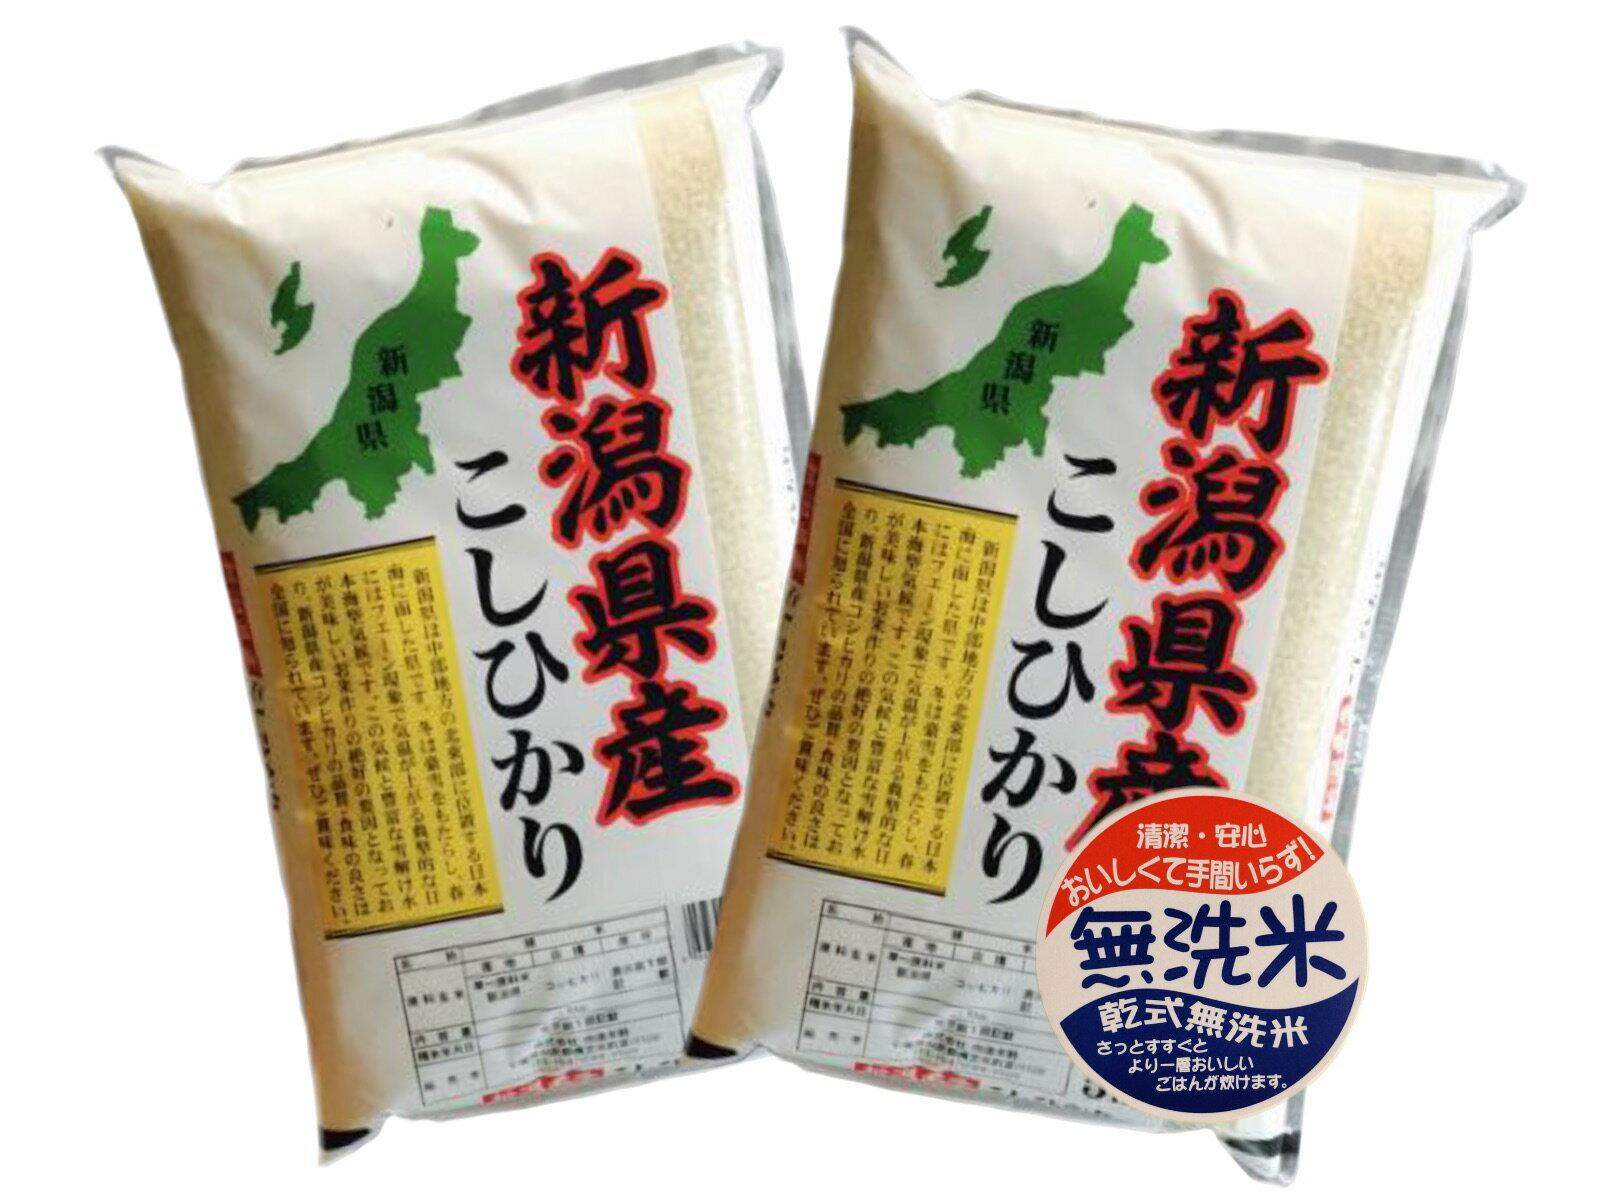 令和元年産 新潟県産コシヒカリ 無洗米10kg(5kg×2)